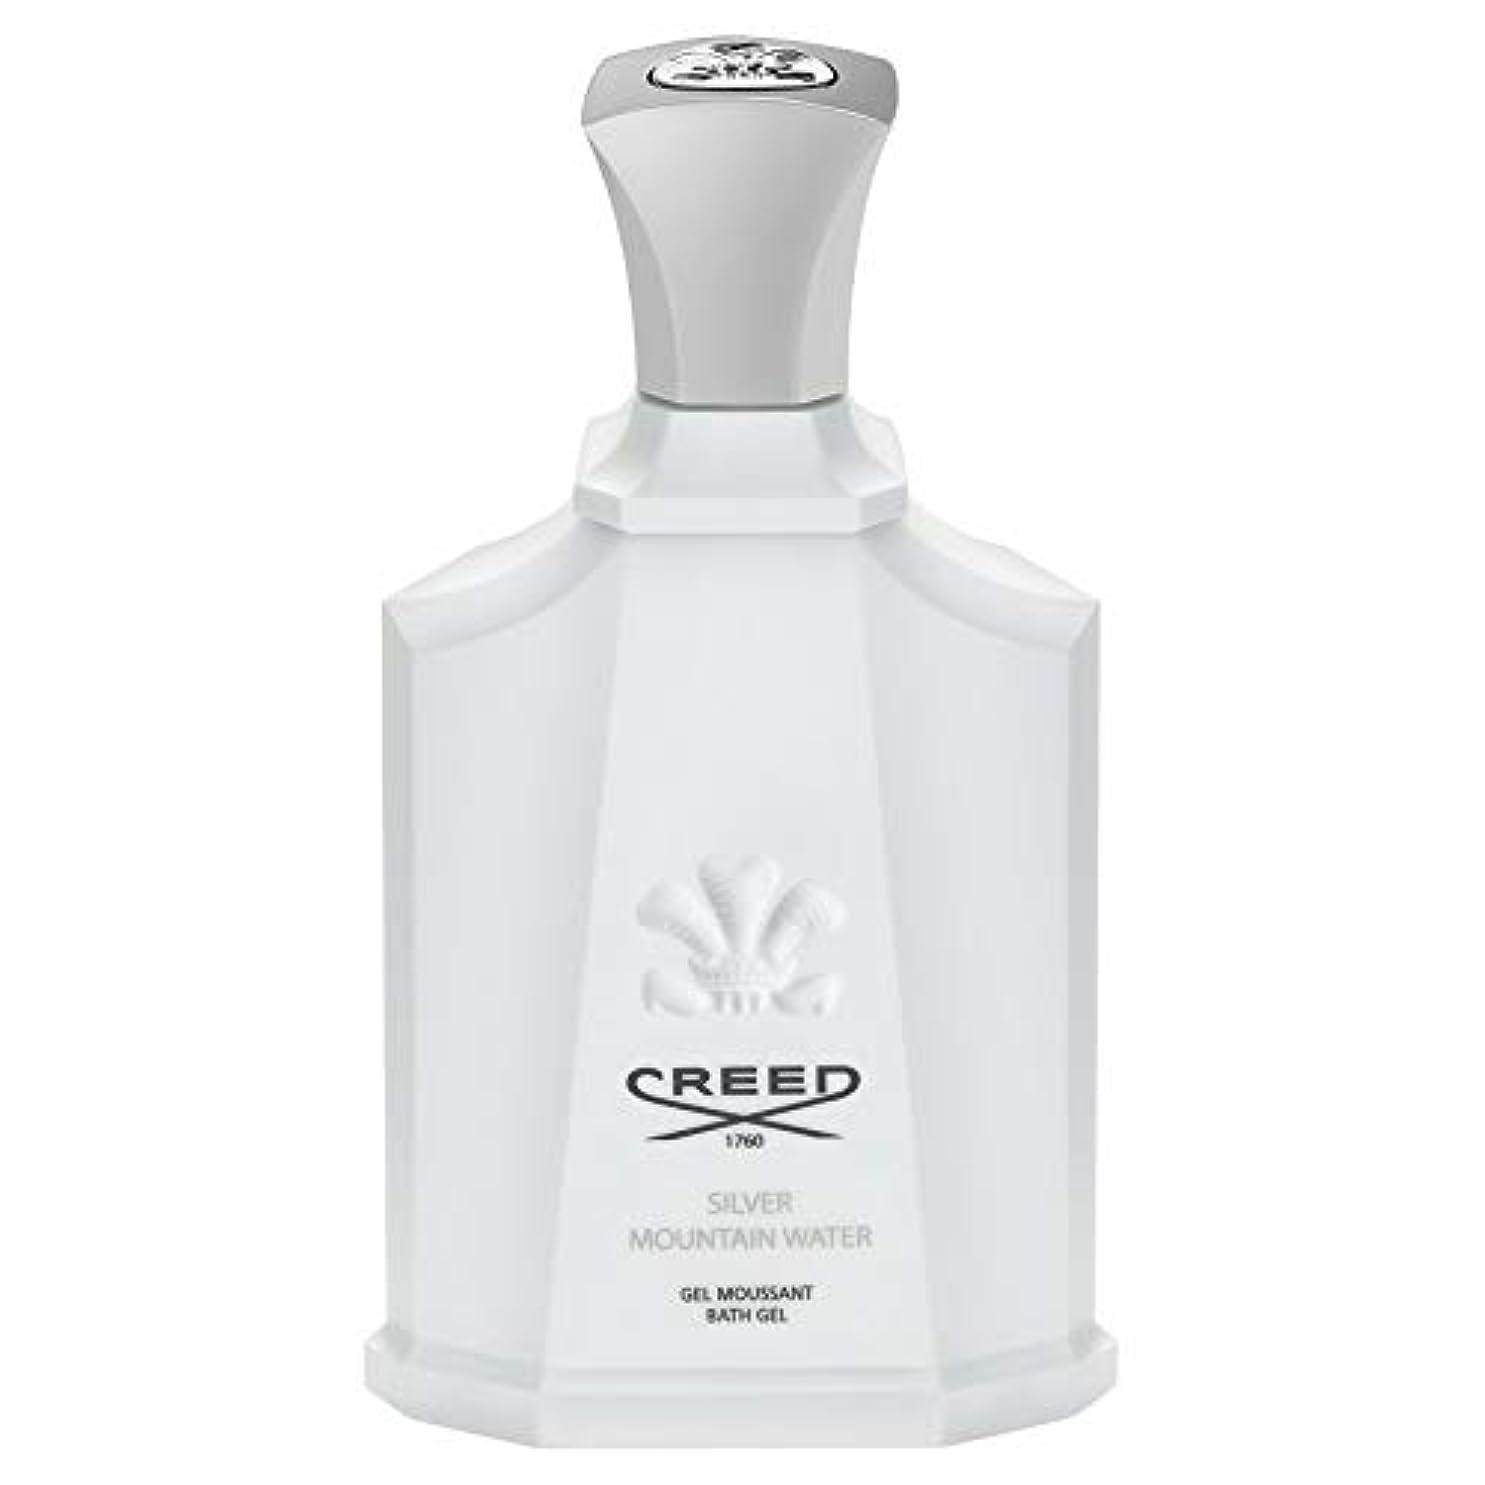 神経衰弱資本主義卒業記念アルバム[Creed ] 信条銀山の水シャワージェル200Ml - CREED Silver Mountain Water Shower Gel 200ml [並行輸入品]